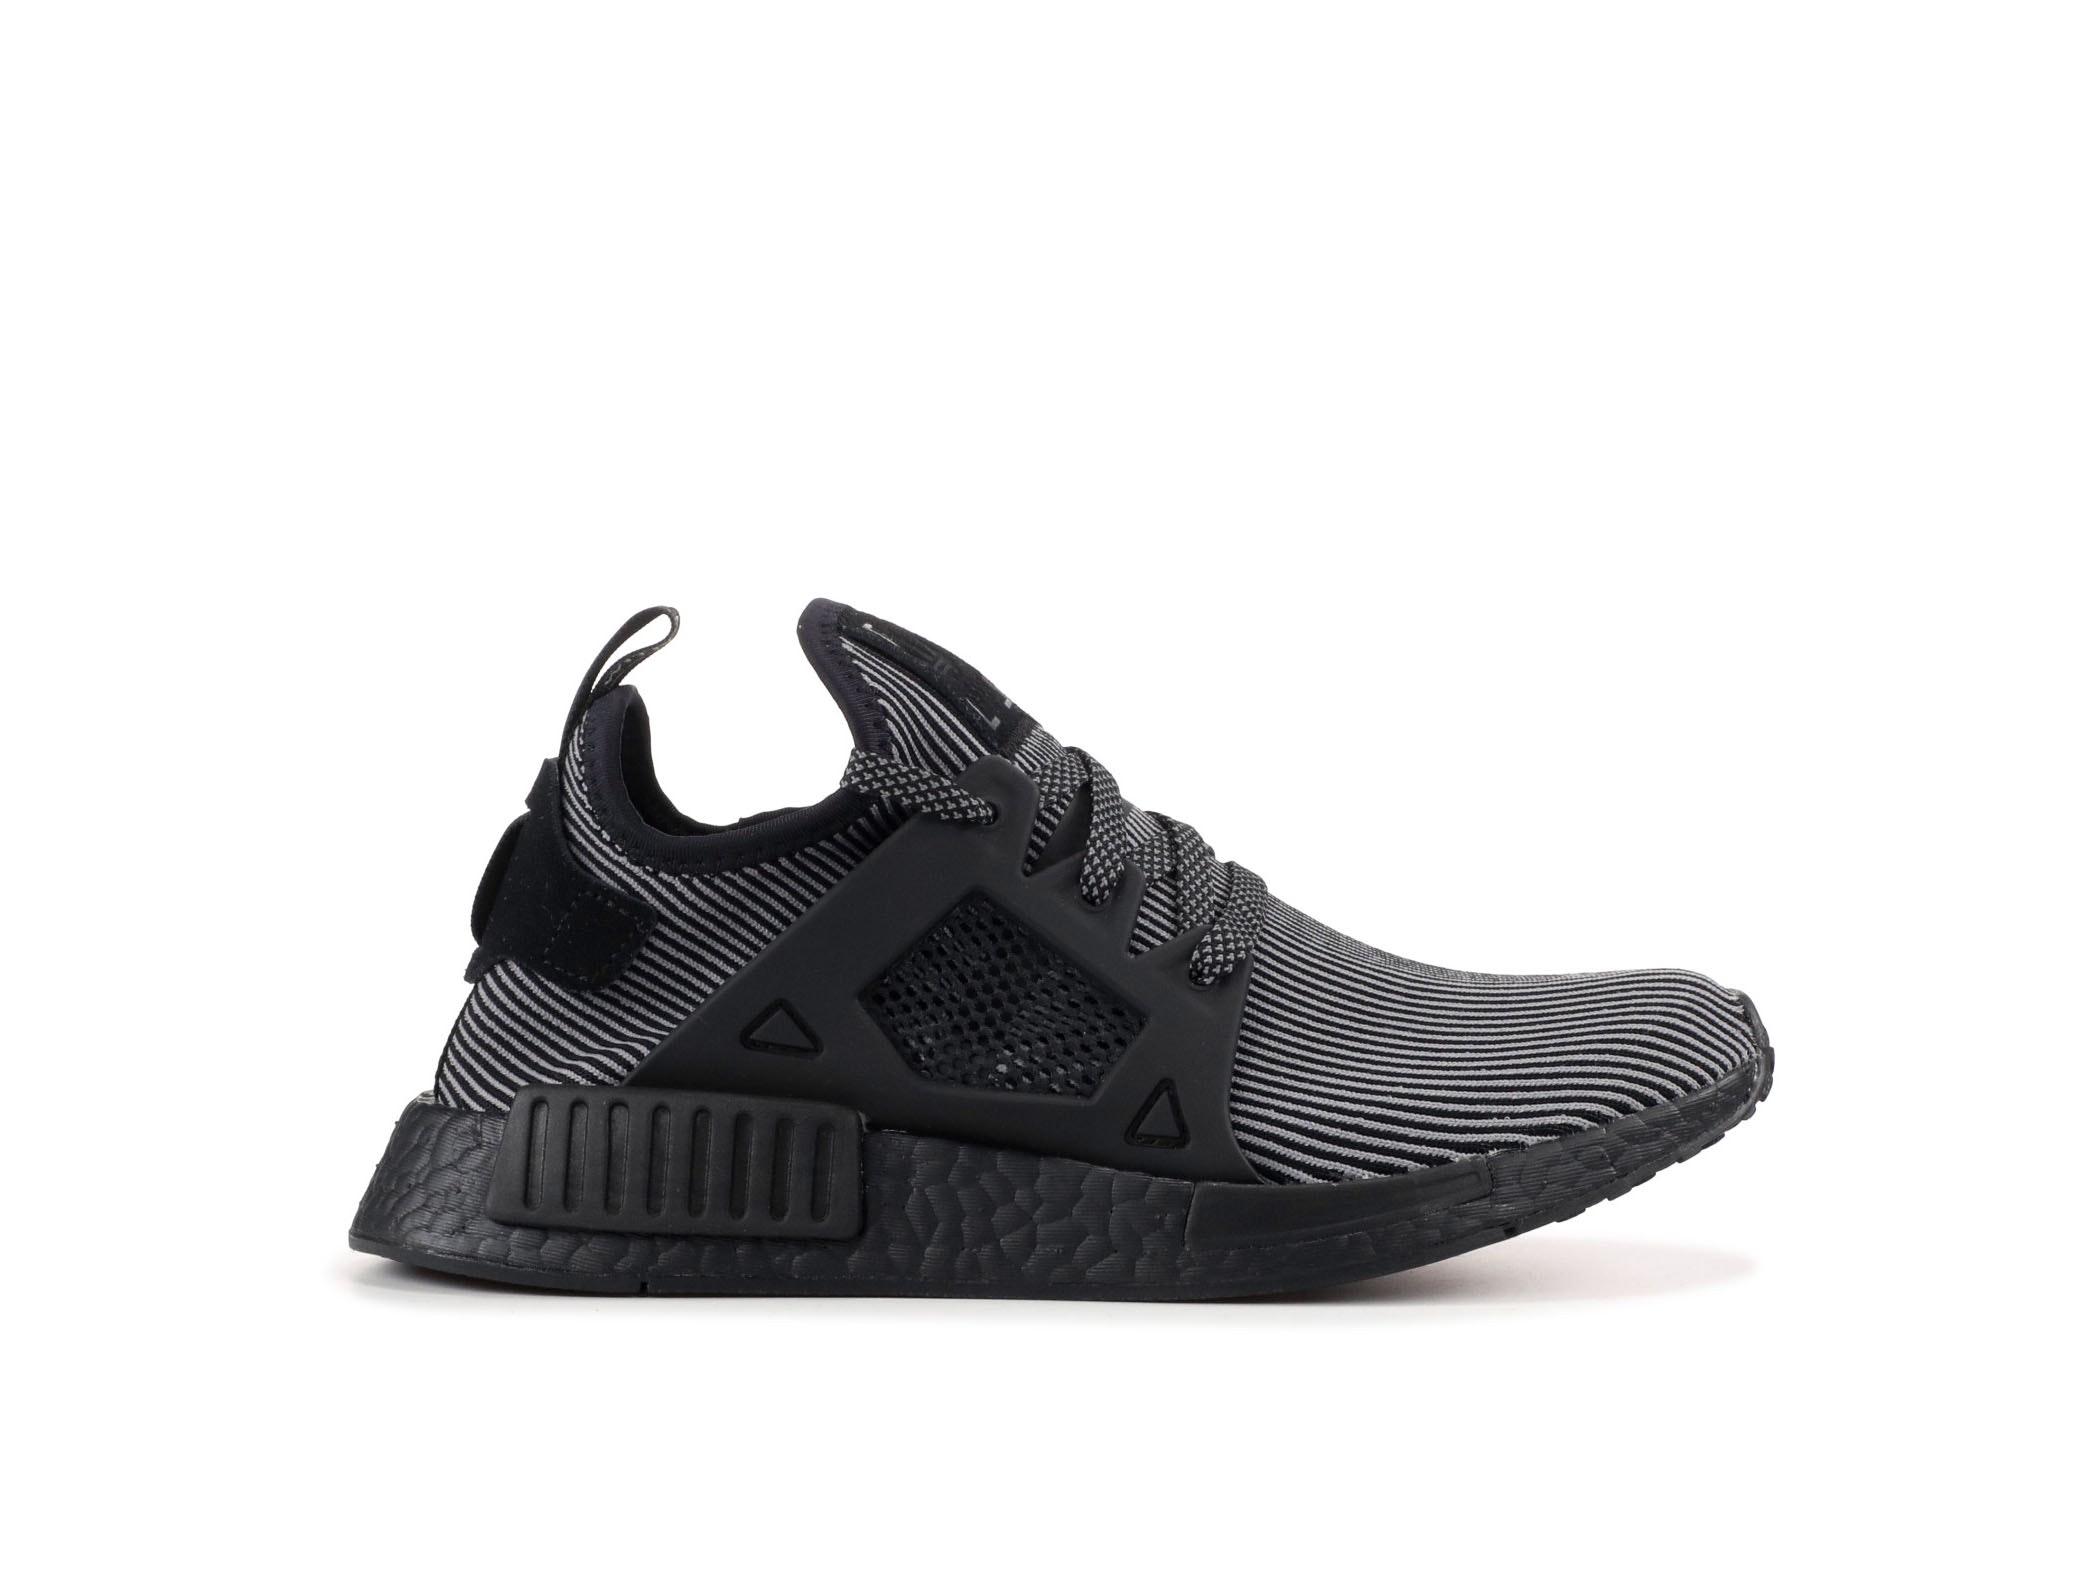 da5448c0d Shop Black Boost NMD XR1 Online